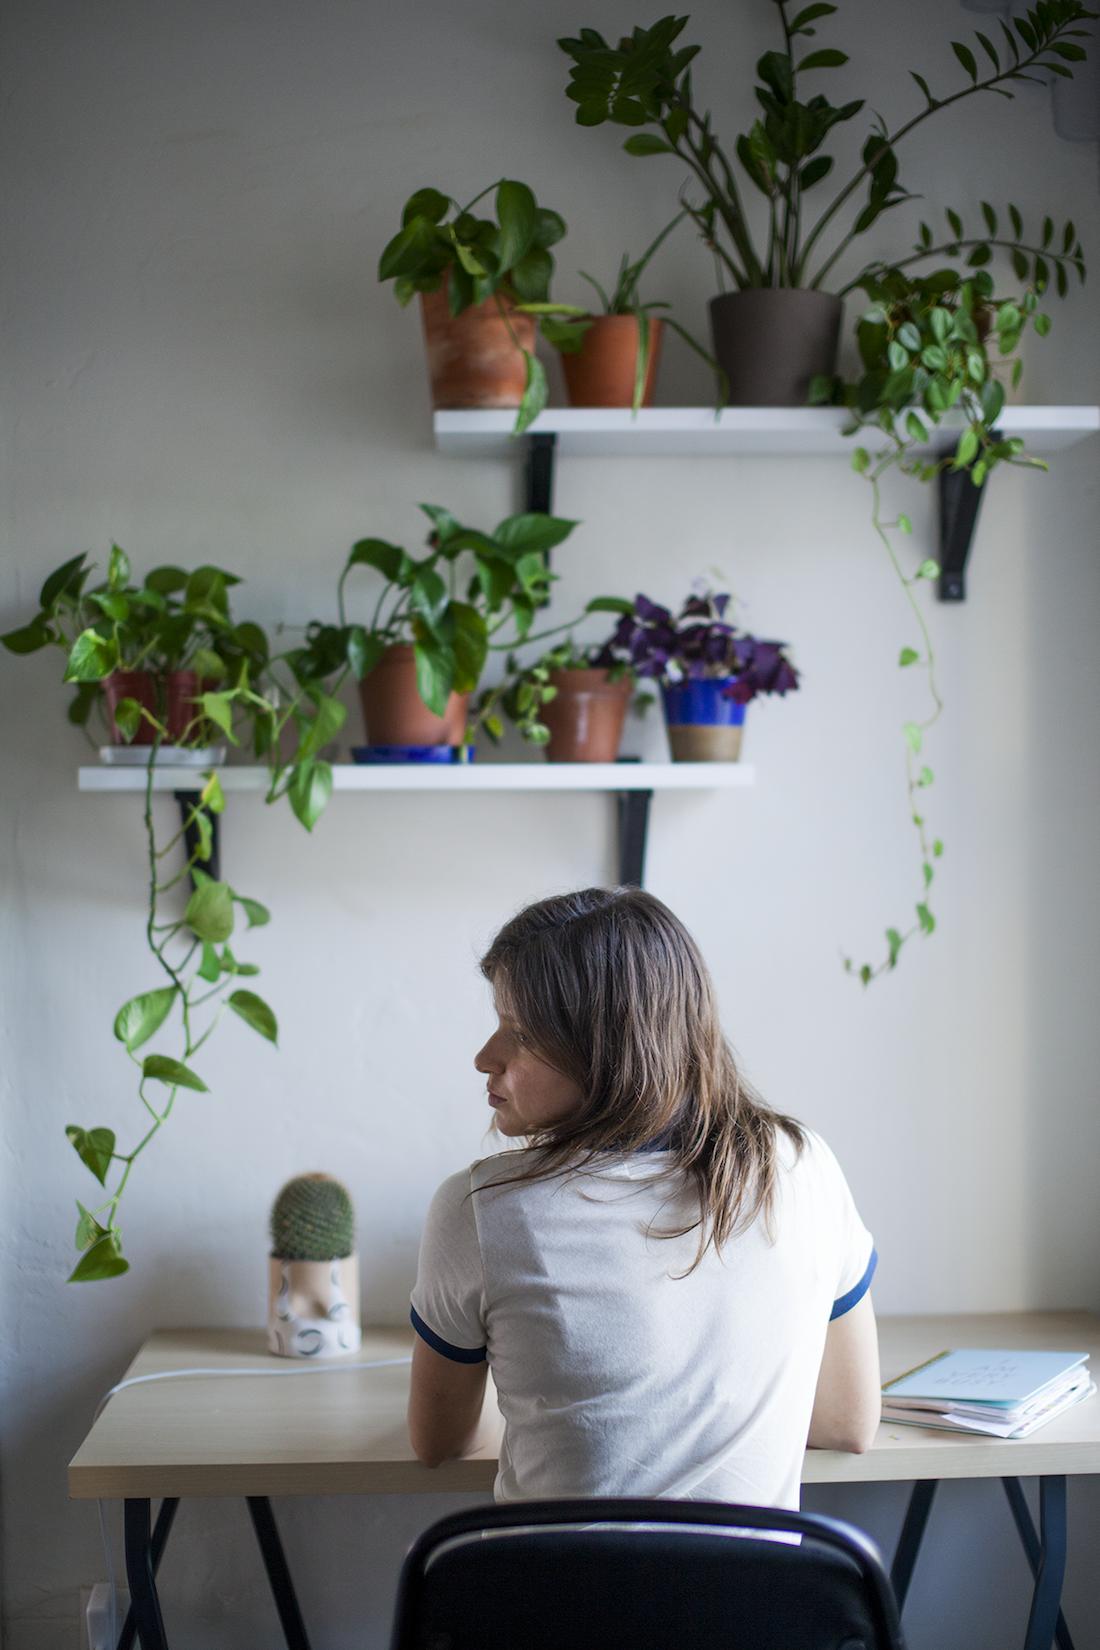 Lee sits at her desk below shelves of plants.